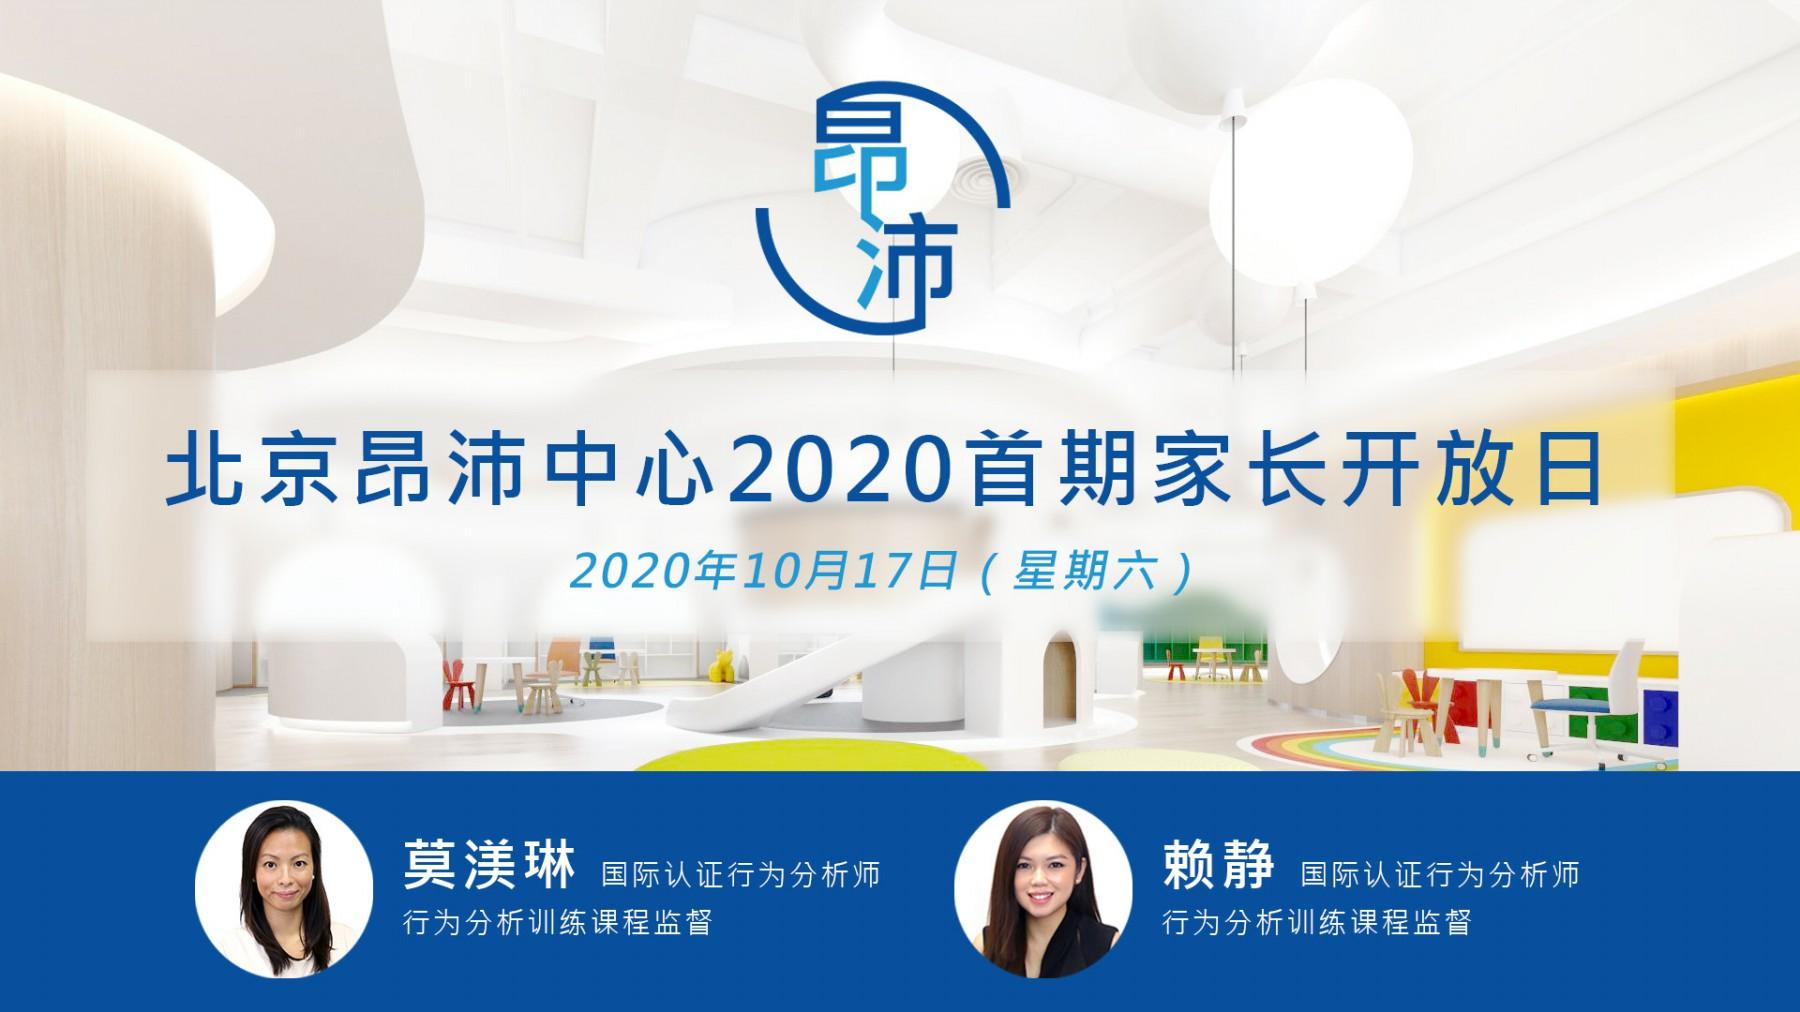 apbeijing_open_day_2020_new1